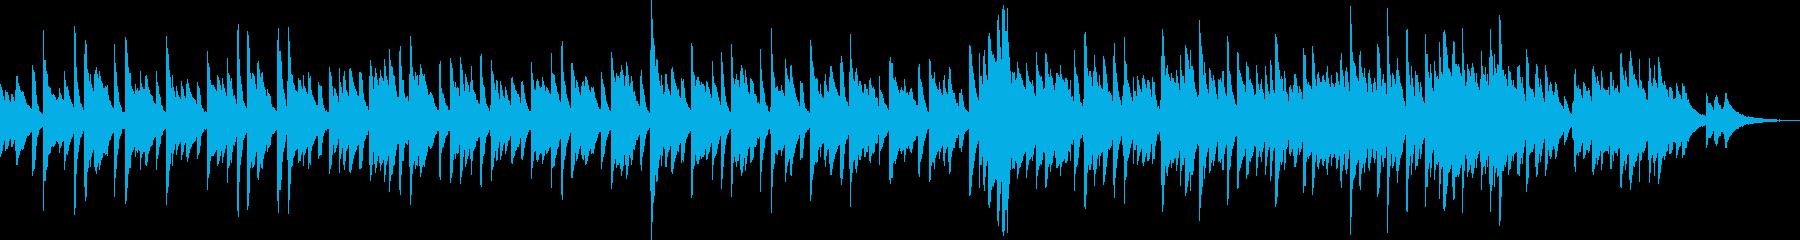 目の前の悲しみを乗り越える為のピアノ曲の再生済みの波形